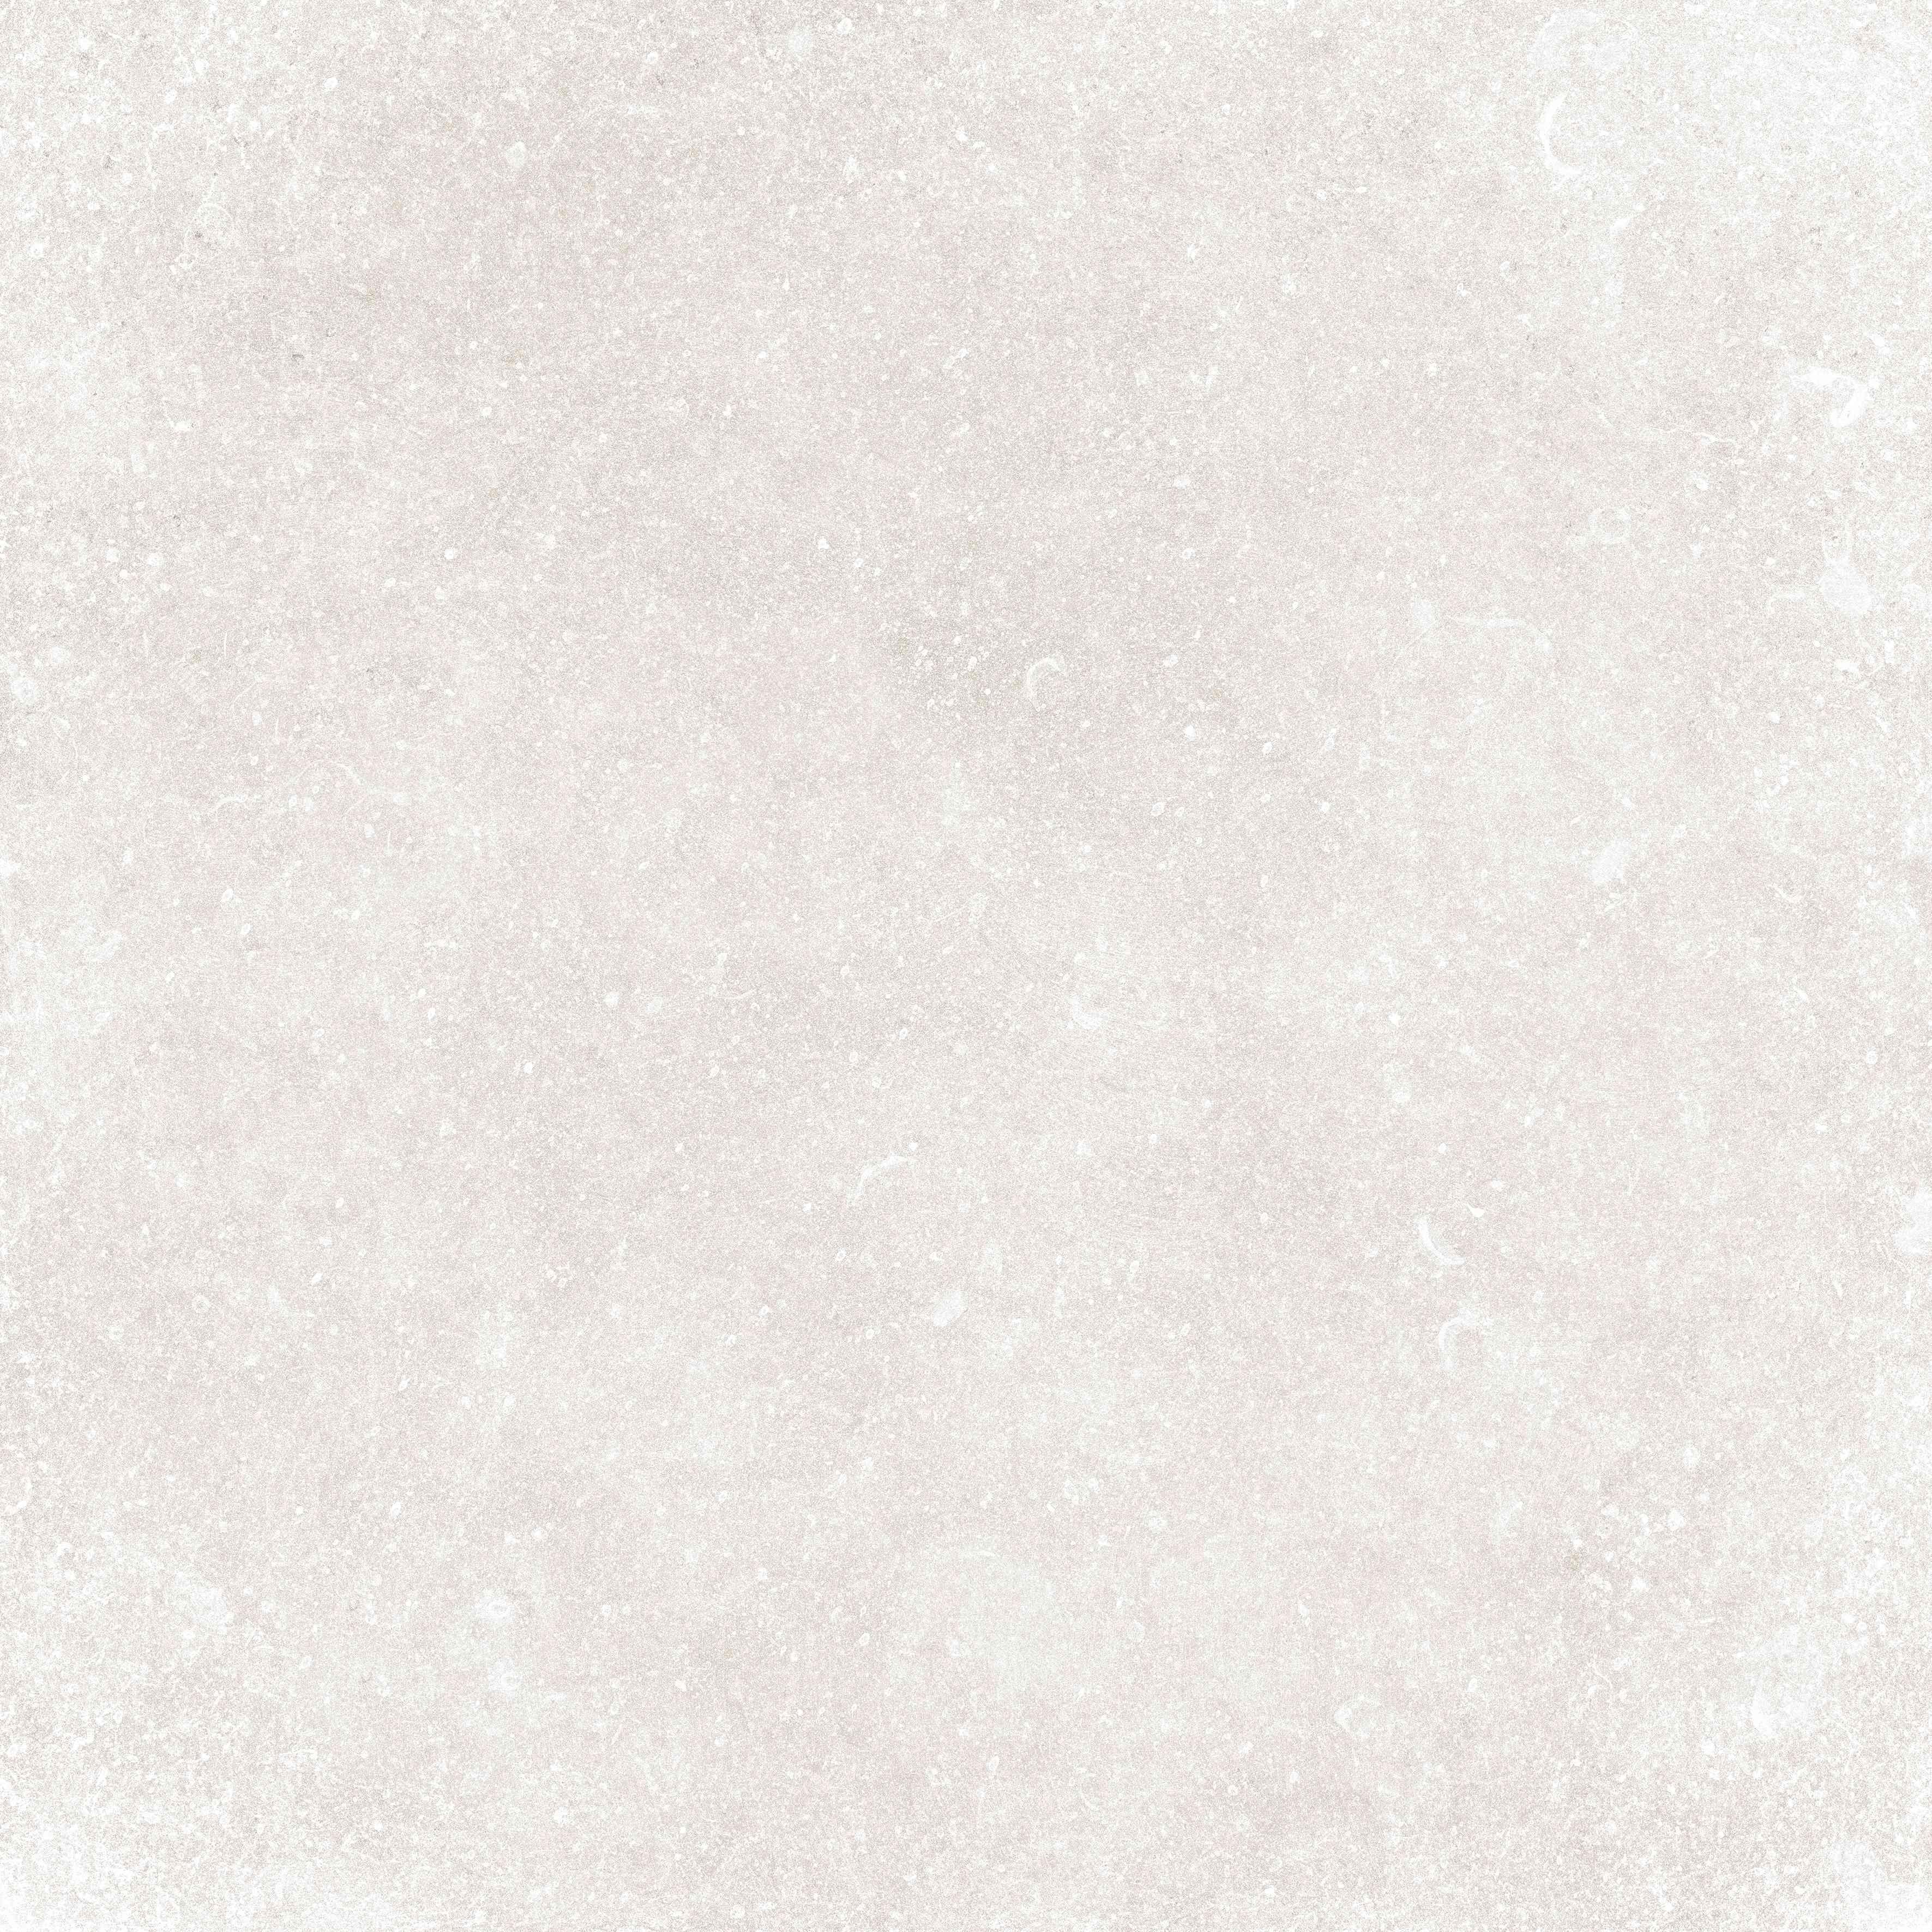 Плитка BIANCO (ZRXPZ1R) изображение 7